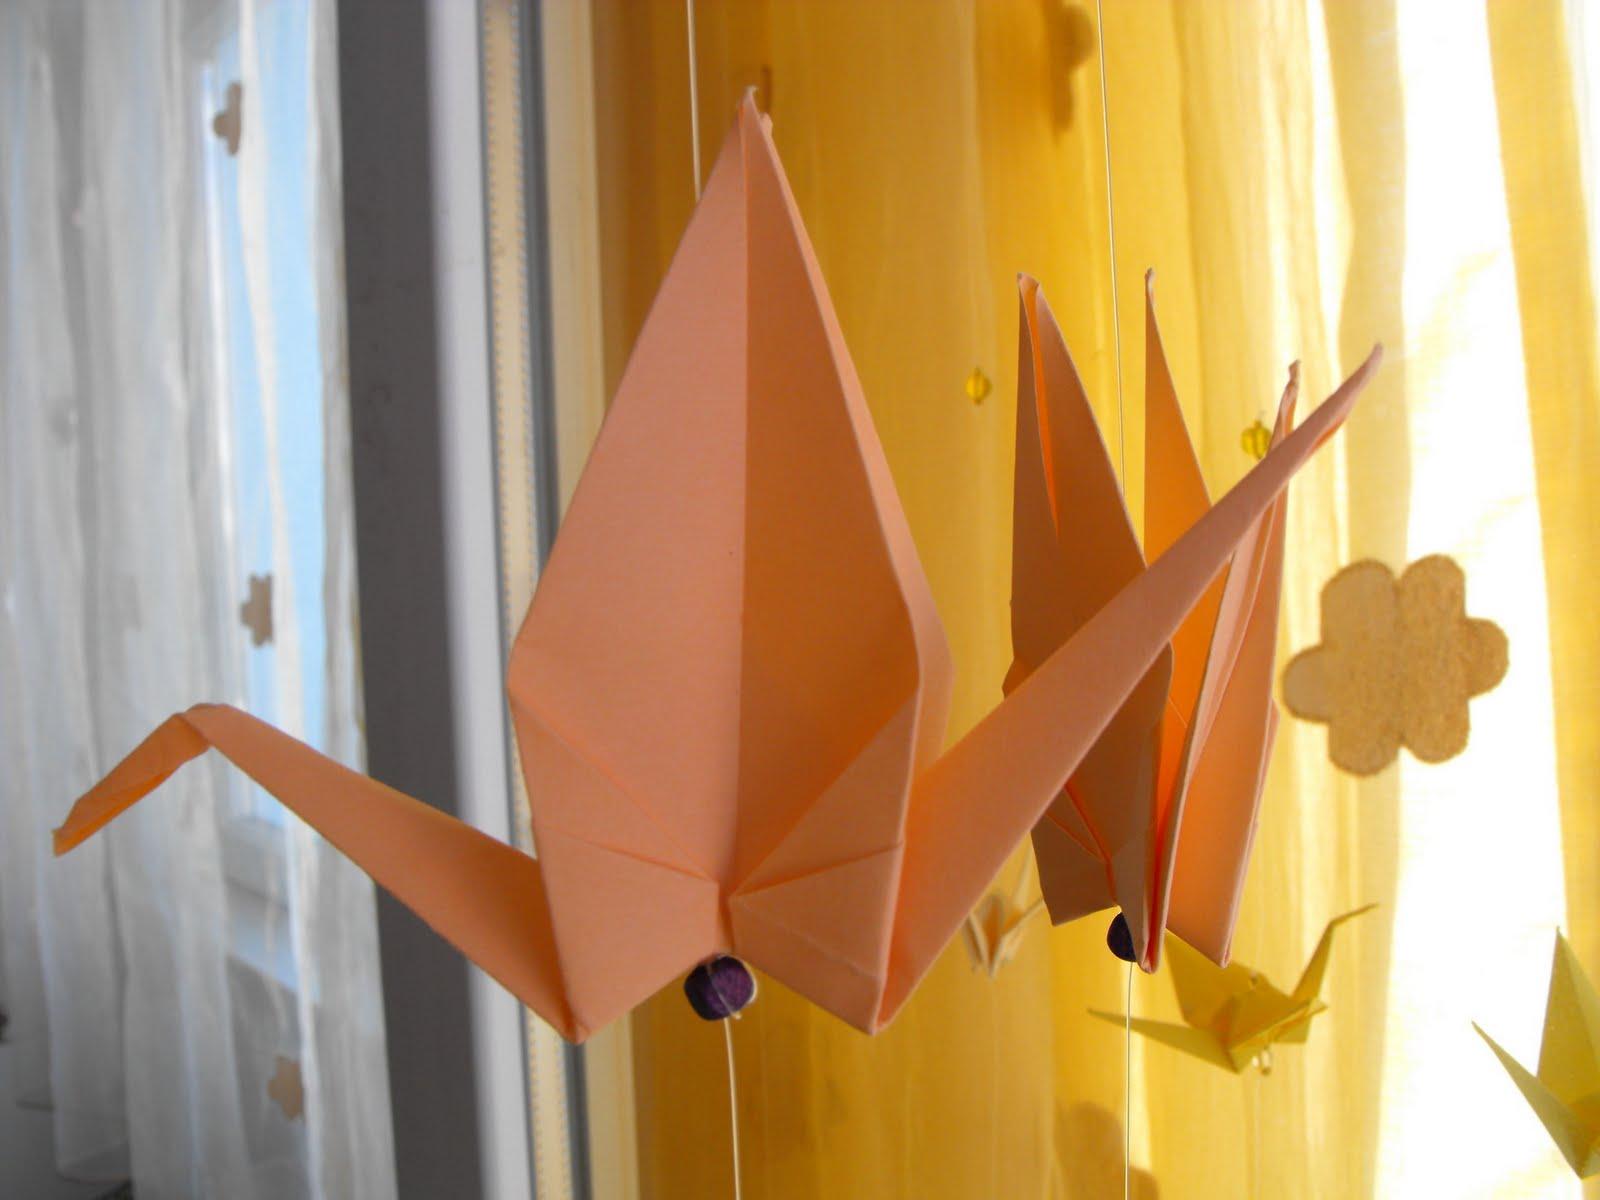 99 Cocori Schema Of Origami Mobile Crane 2 Cocorul A Devenit Simbolul Pacii Datorita Povestii Lui Sadako Sasaki O Fetita Care Bolnava Fiind De Leucemie In Urma Radiatiilor Provocate Bomba